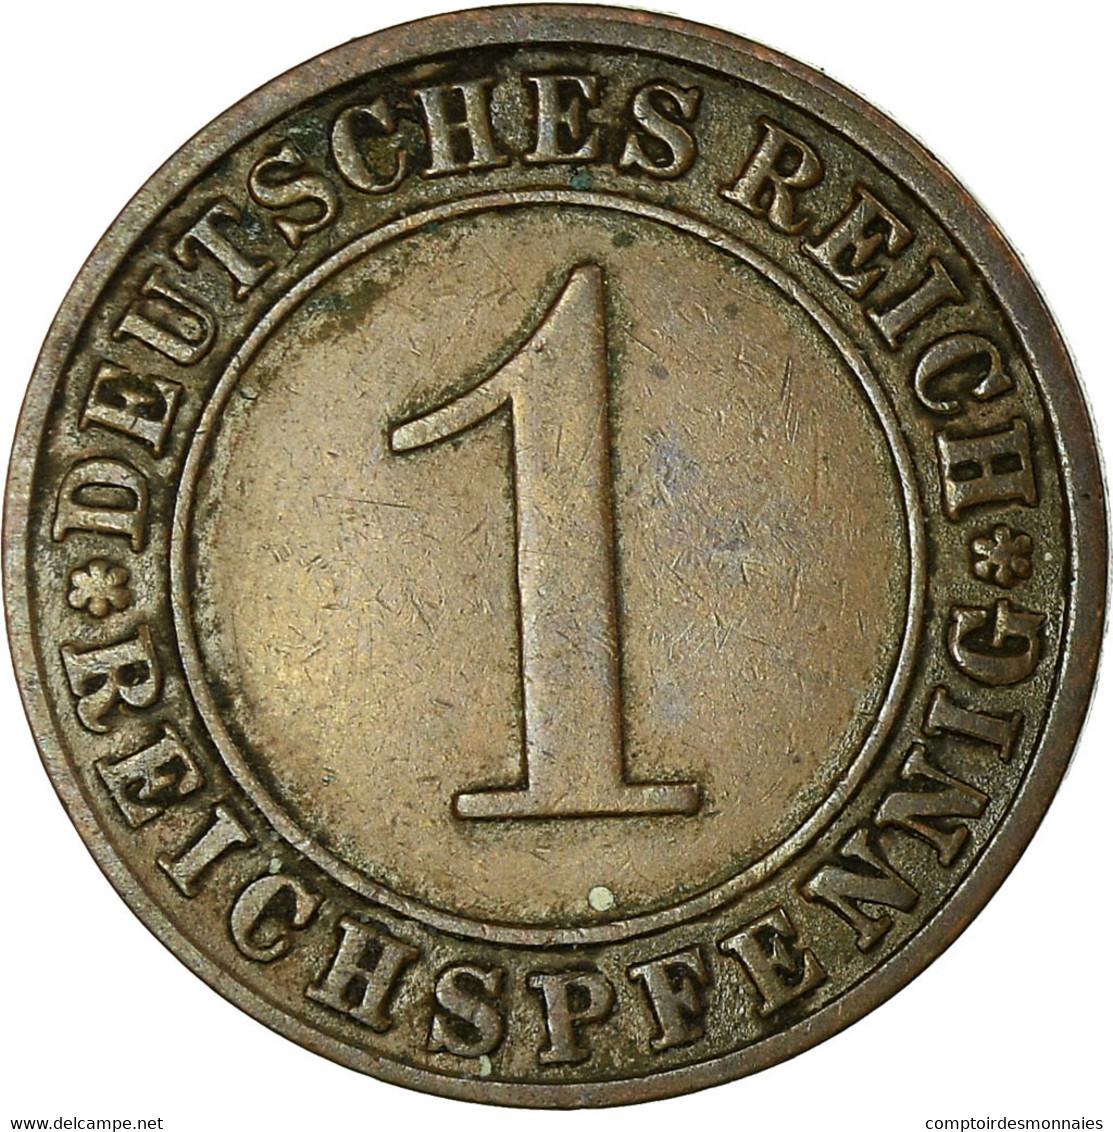 Monnaie, Allemagne, République De Weimar, Reichspfennig, 1924, Berlin, TTB - 1 Rentenpfennig & 1 Reichspfennig